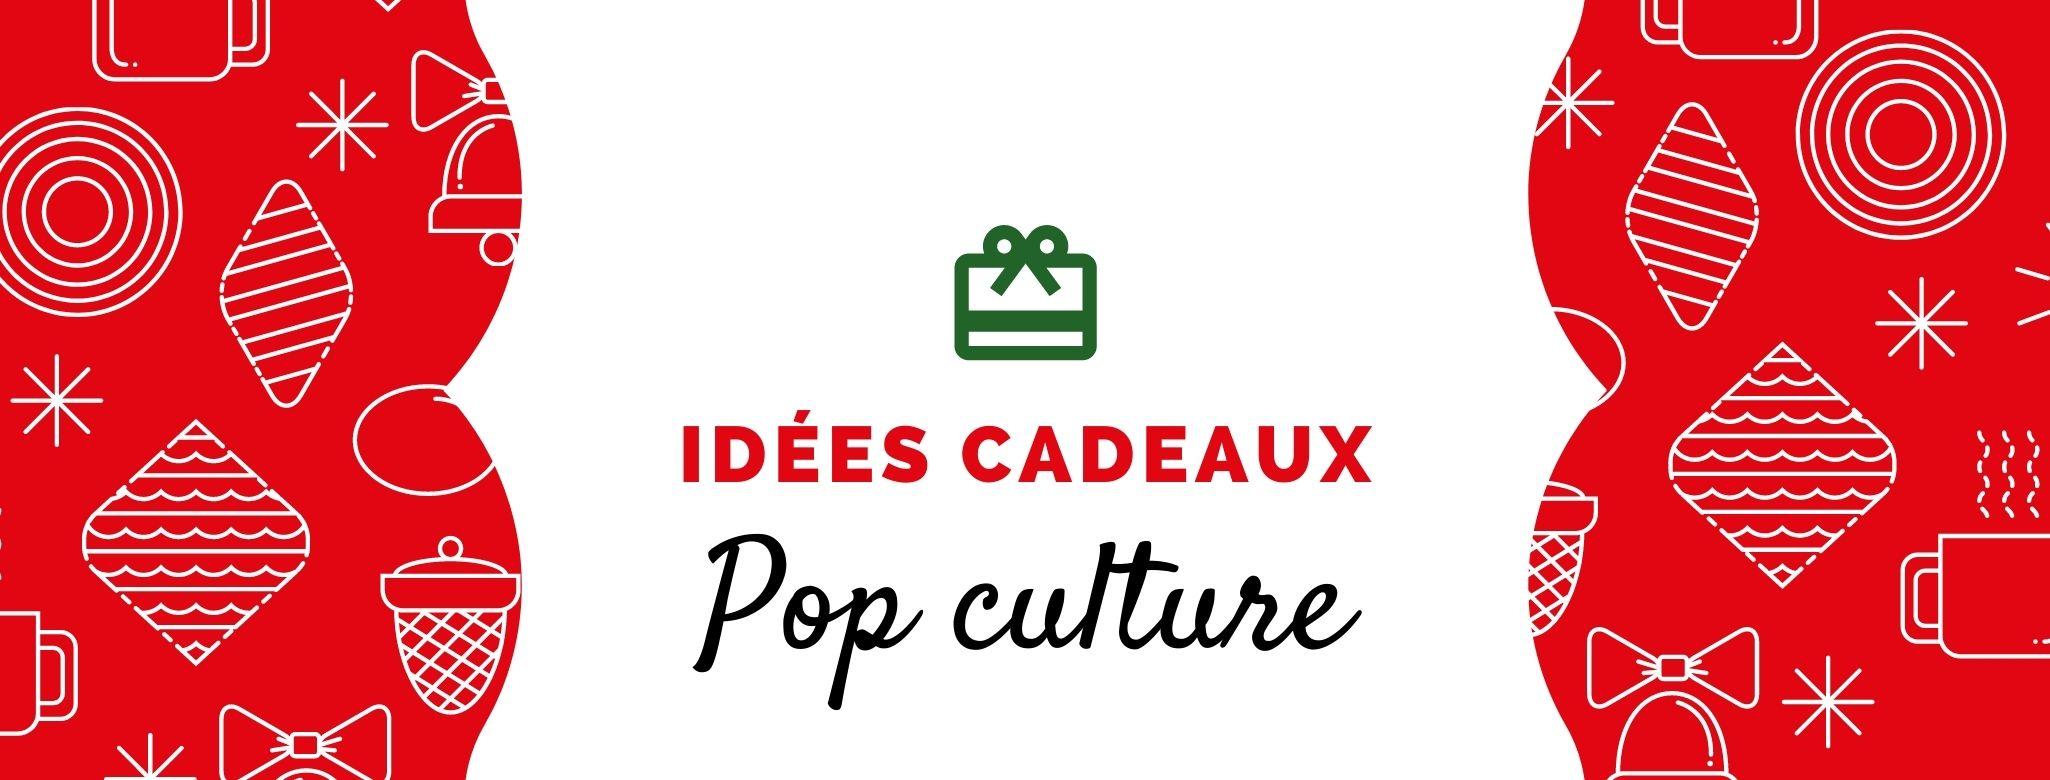 Idées cadeaux Pop culture